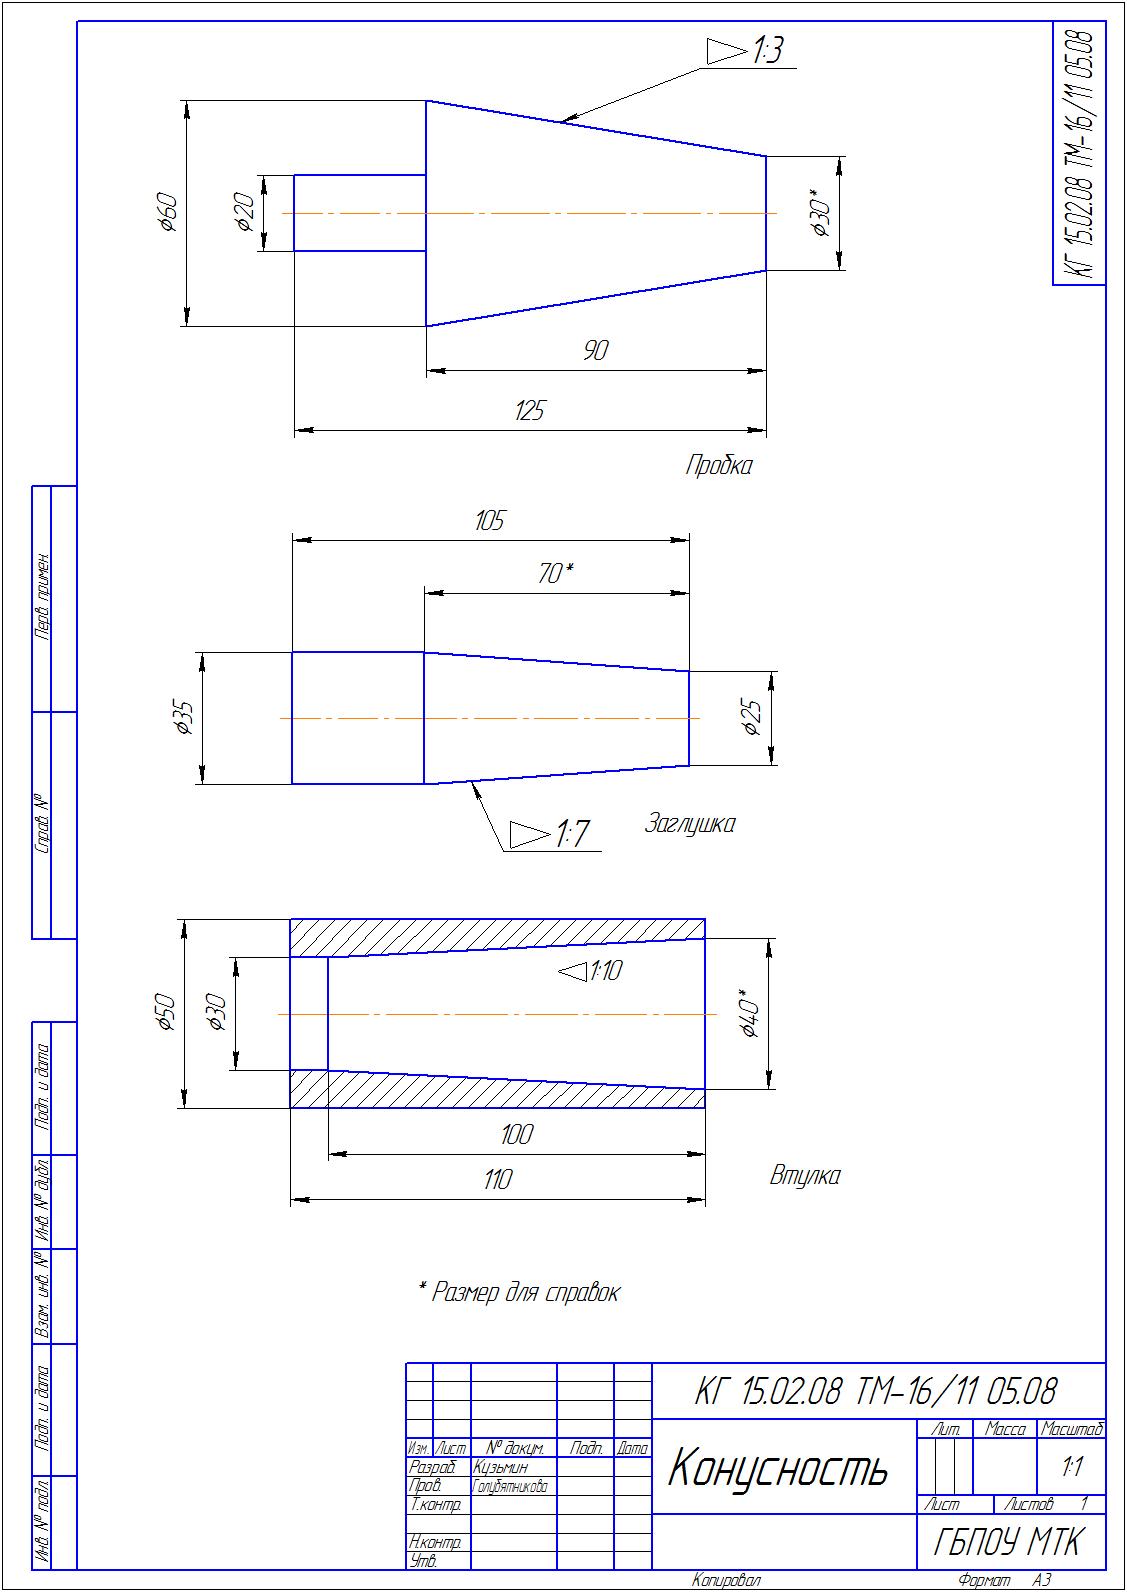 Подготовка школьников к егэ (справочник по математике - стереометрия - конусы. усеченные конусы. объем, площадь боковой поверхности, площадь полной поверхности конуса и усеченного конуса)